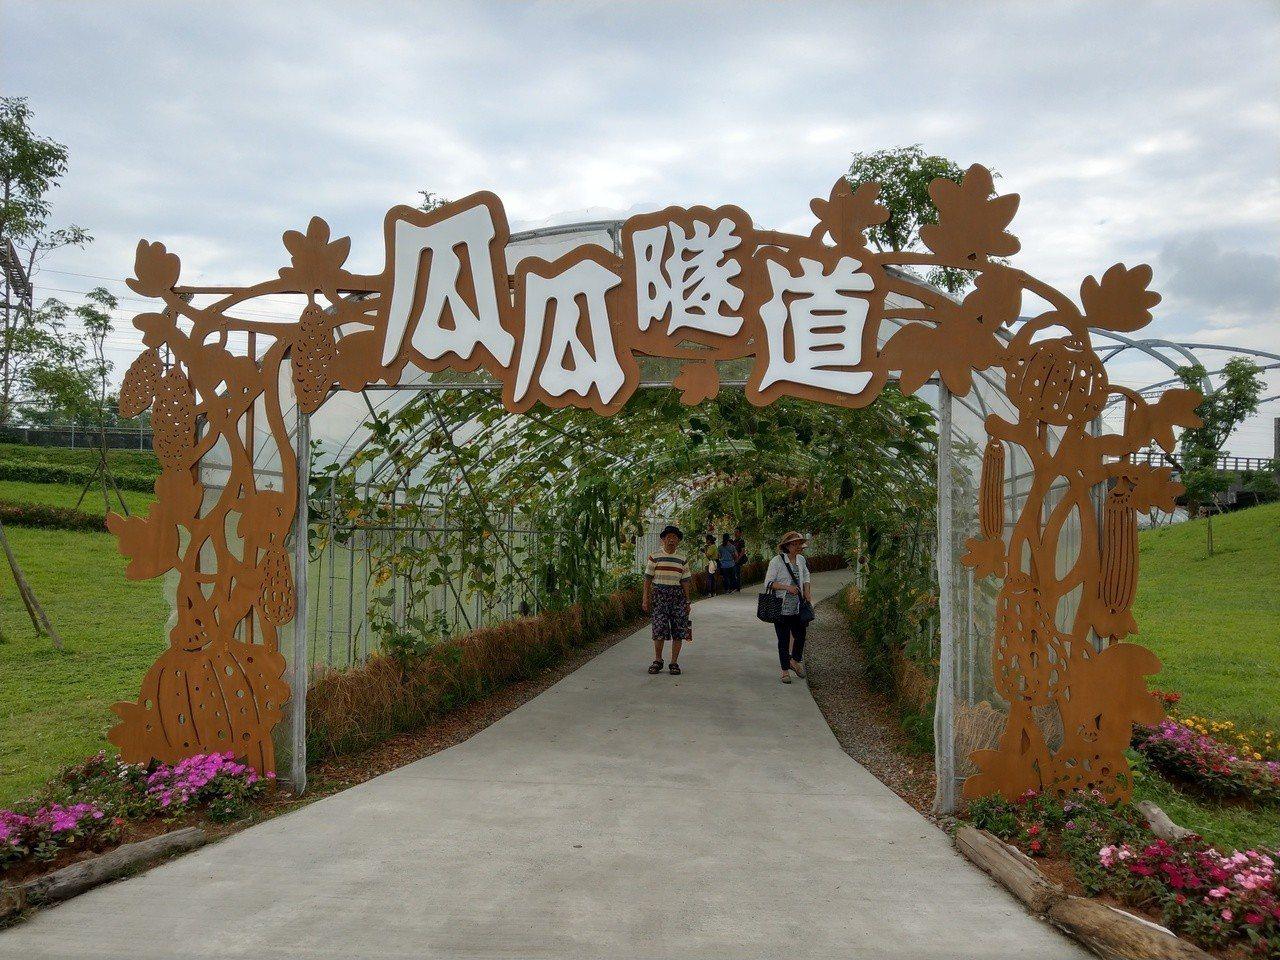 宜蘭綠博剩下最後幾天即將結束,園區的瓜瓜隧道長滿各式瓜果迎賓。記者戴永華/攝影